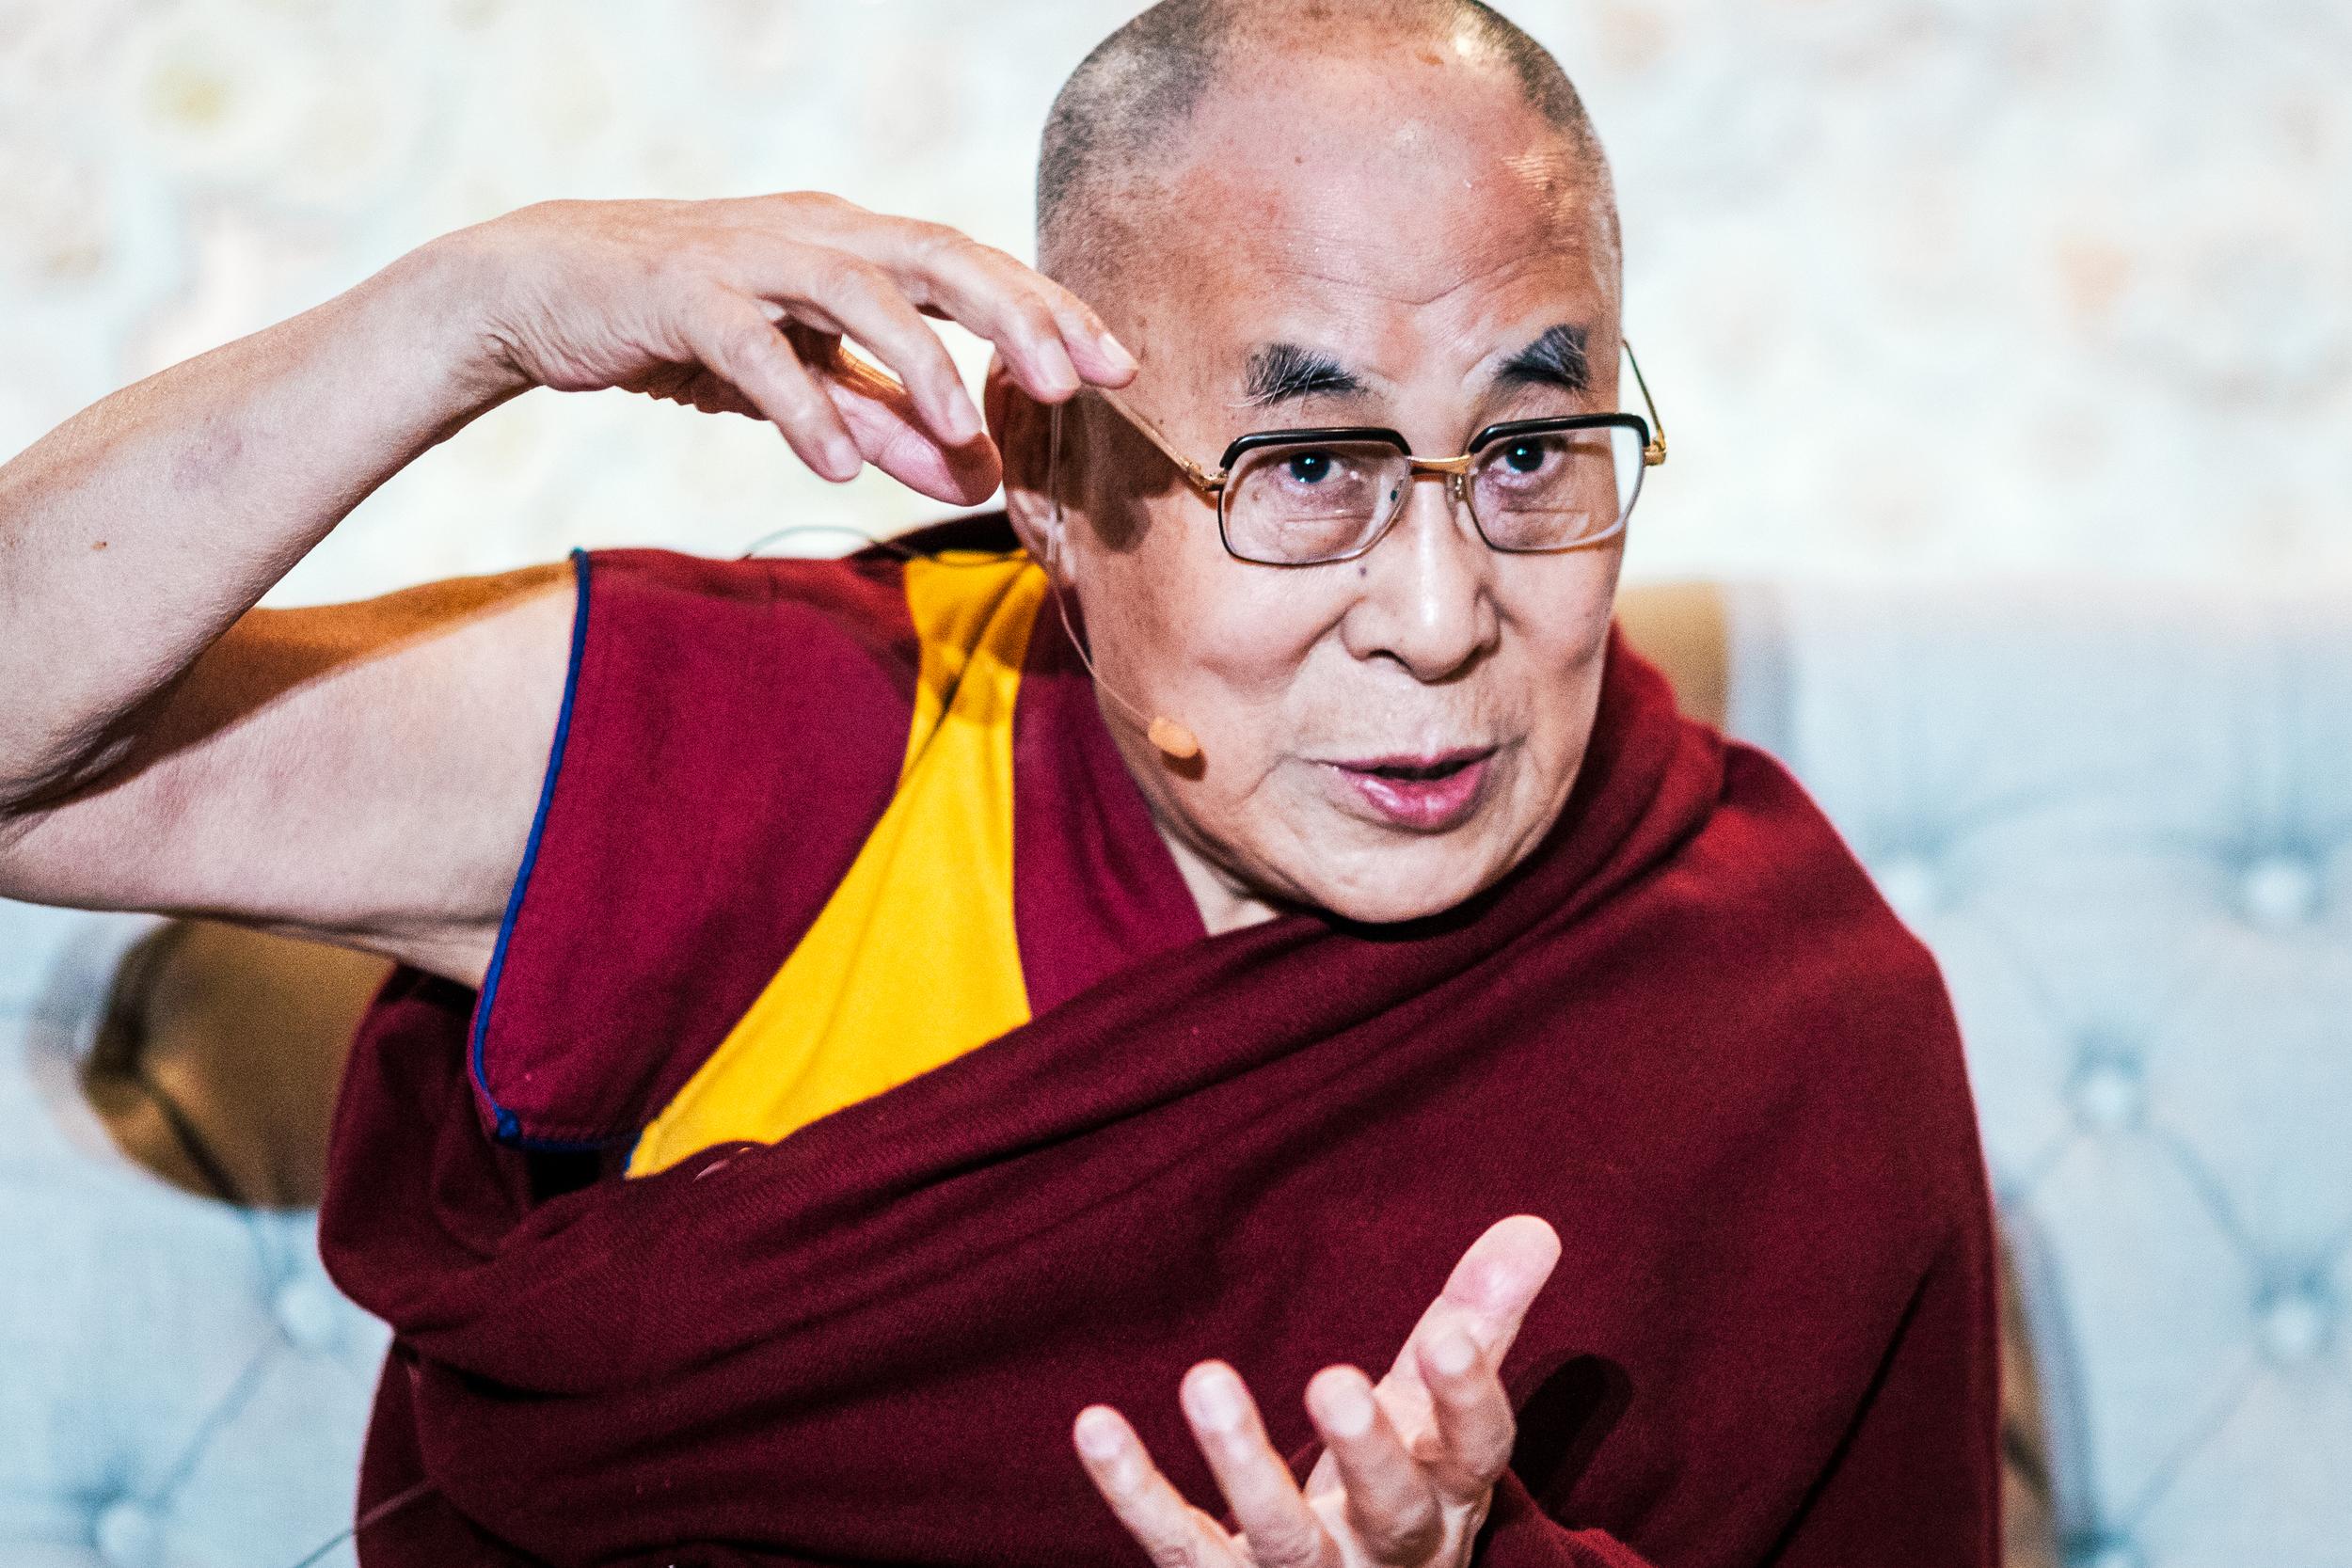 kimcarroll.com - Dalai Lama-2.jpg